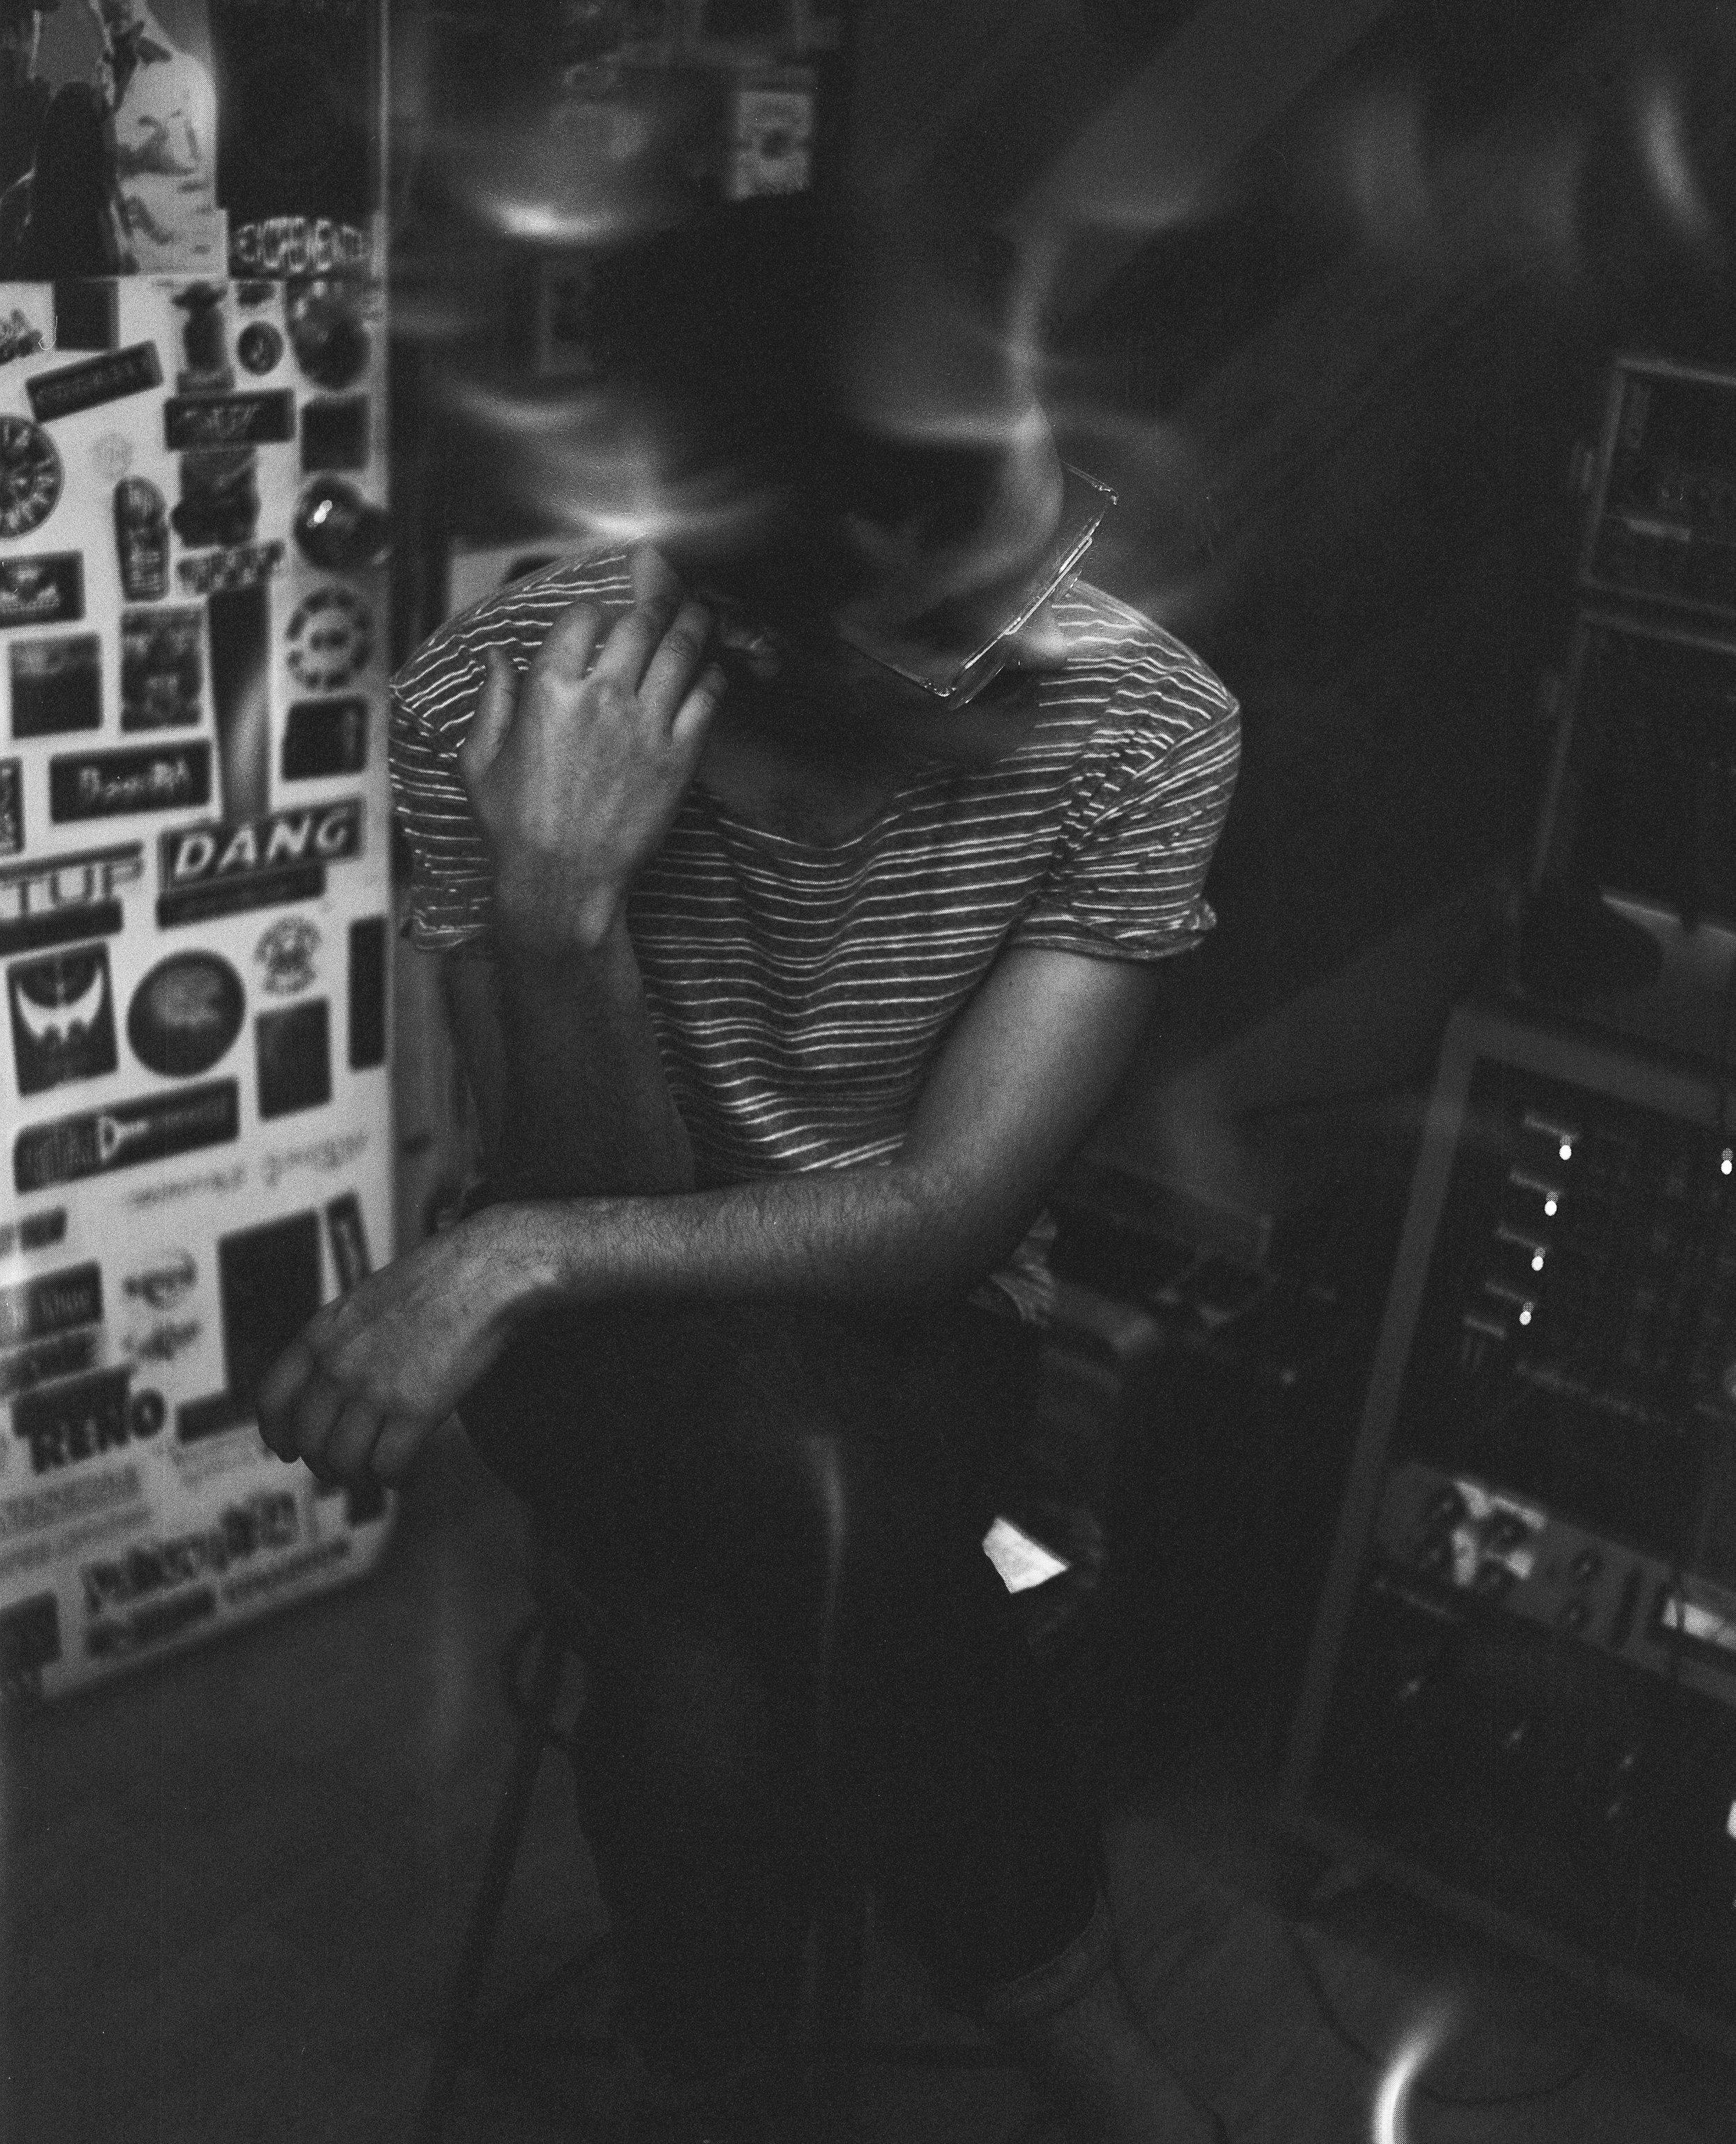 Travis- The drummer